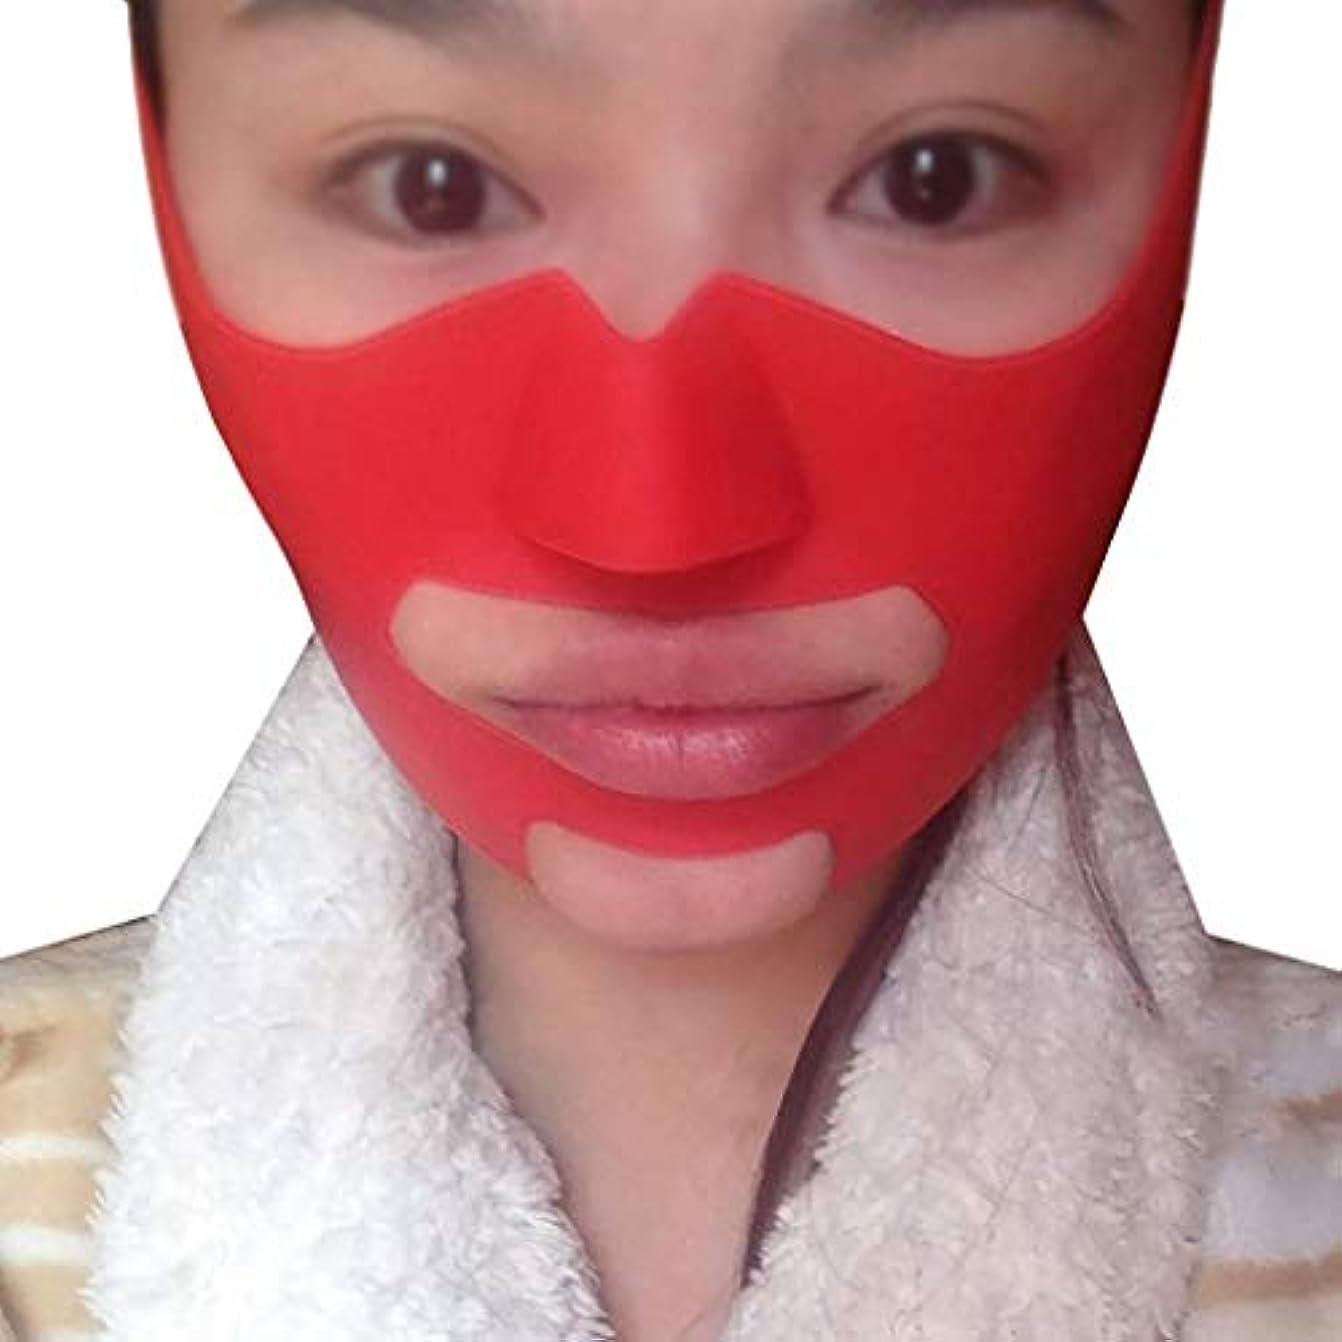 議論する出演者共役美容と実用的なフェイスリフトマスク、シリコンVフェイスマスクフェイスマスク強力な薄い咬筋筋肉リフトApple筋肉パターンアーティファクト小さなV顔包帯顔と首リフト